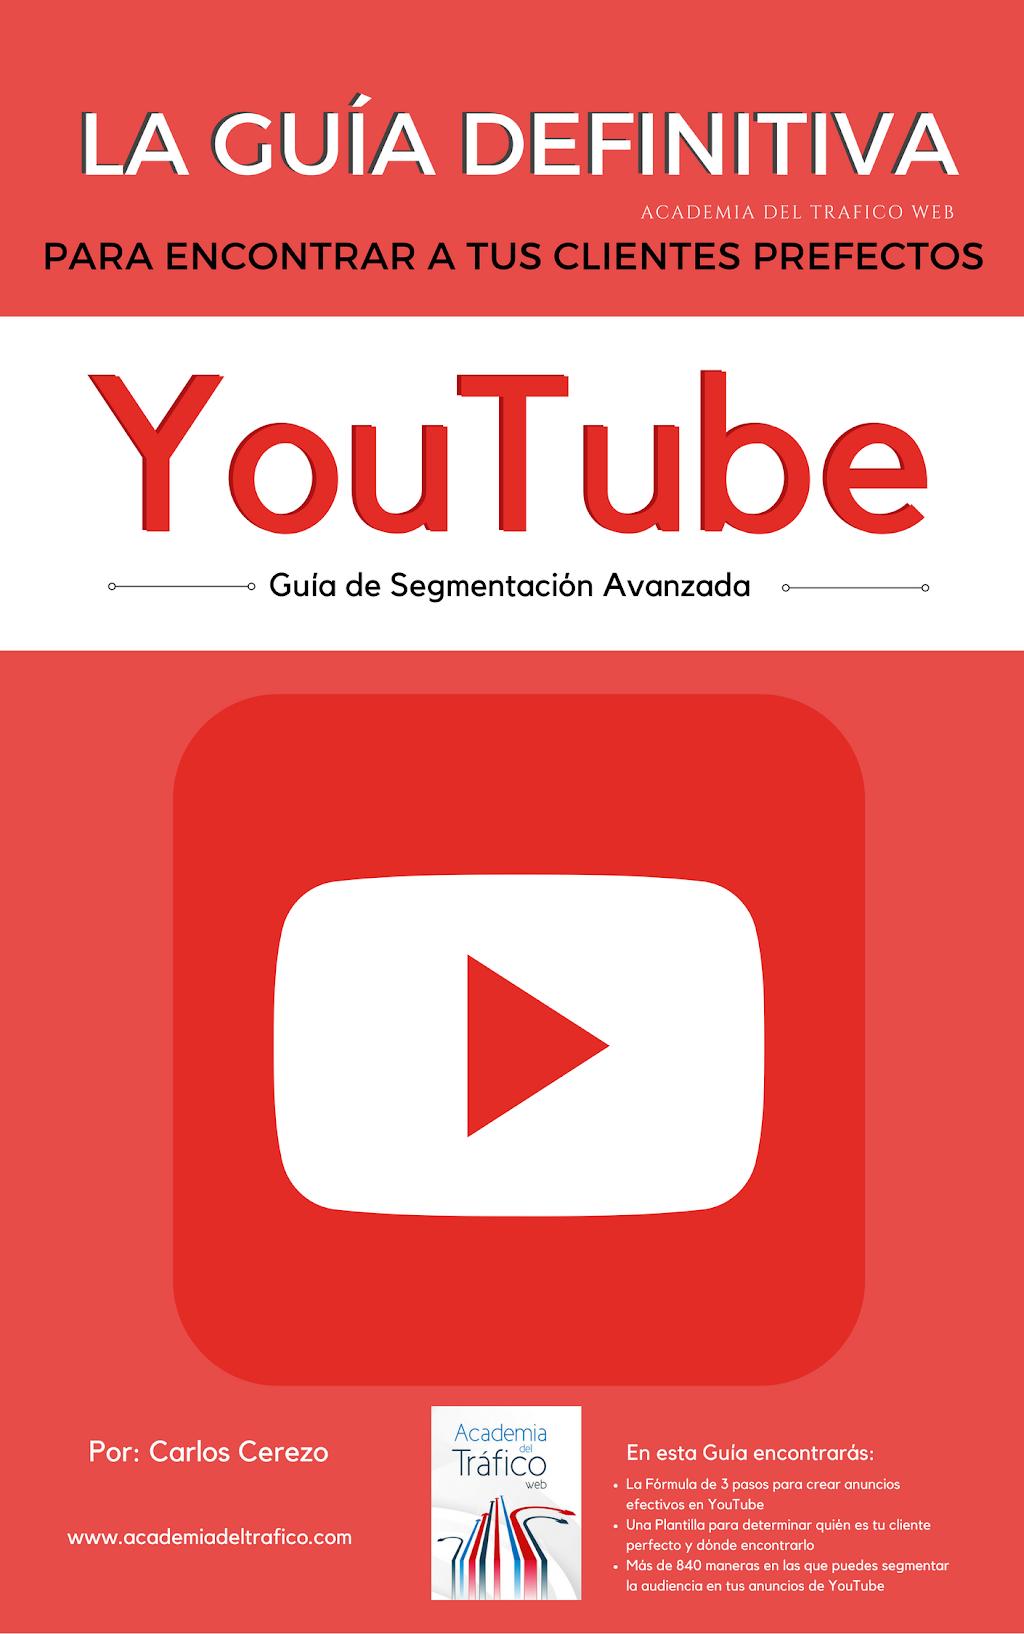 Descubre cómo encontrar Hoy Nuevos Clientes en YouTube